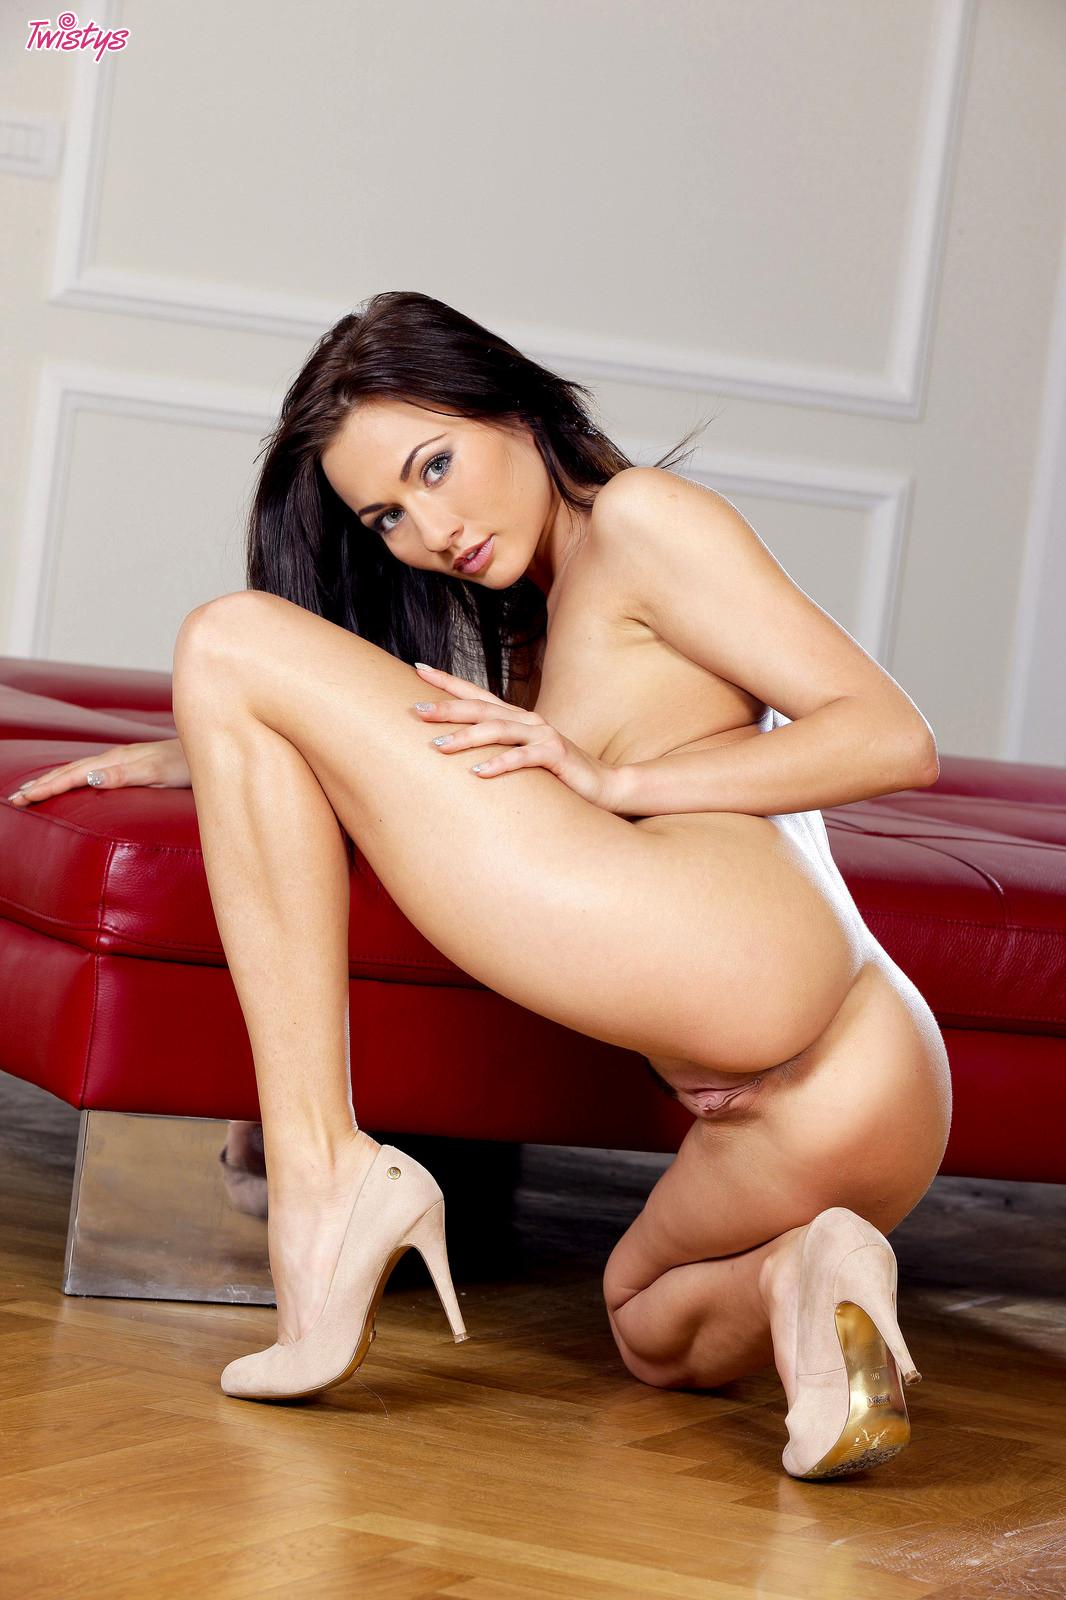 Babe Today Twistys Michaela Isizzu My Legs Premium Xxx -2056